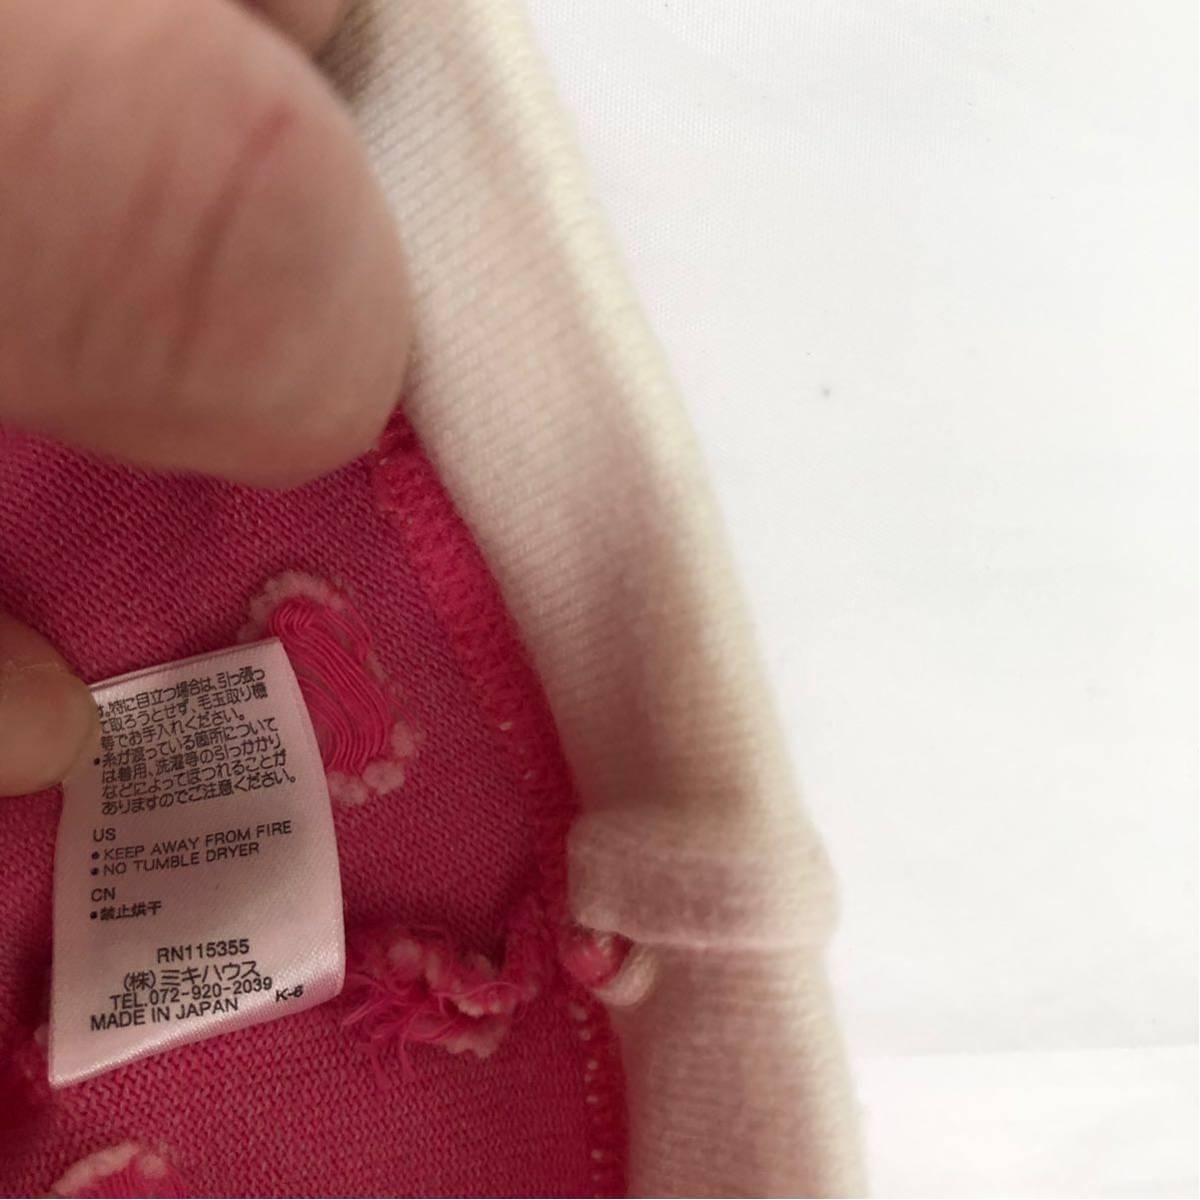 ミキハウス MIKIHOUSE レギンス 100 女の子 ピンク 送料140円 うさこ ハート ズボン パンツ スパッツ かわいい ベビー キッズ 子供服_画像5